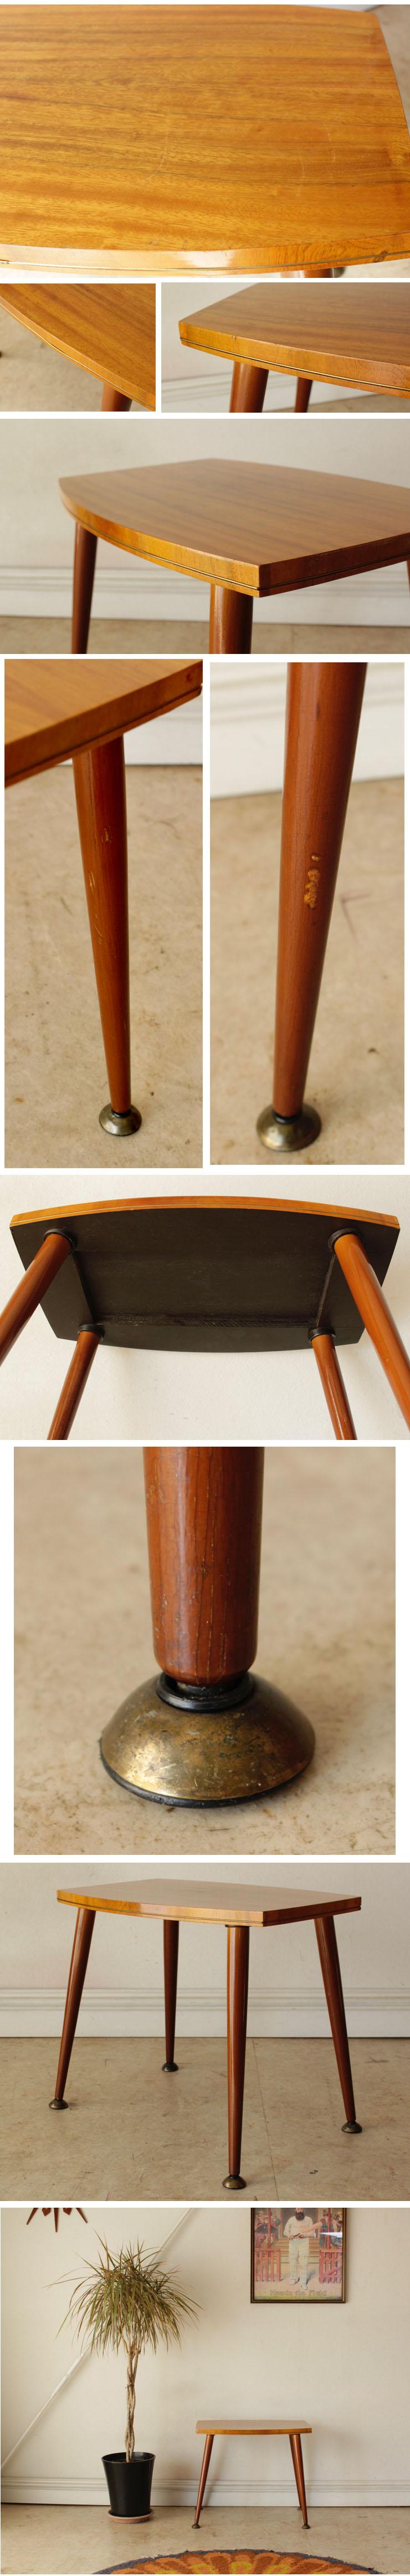 コーヒーテーブル・サイドテーブル・チーク・イギリス・ミッドセンチュリー・ビンテージ・アンティーク・北欧